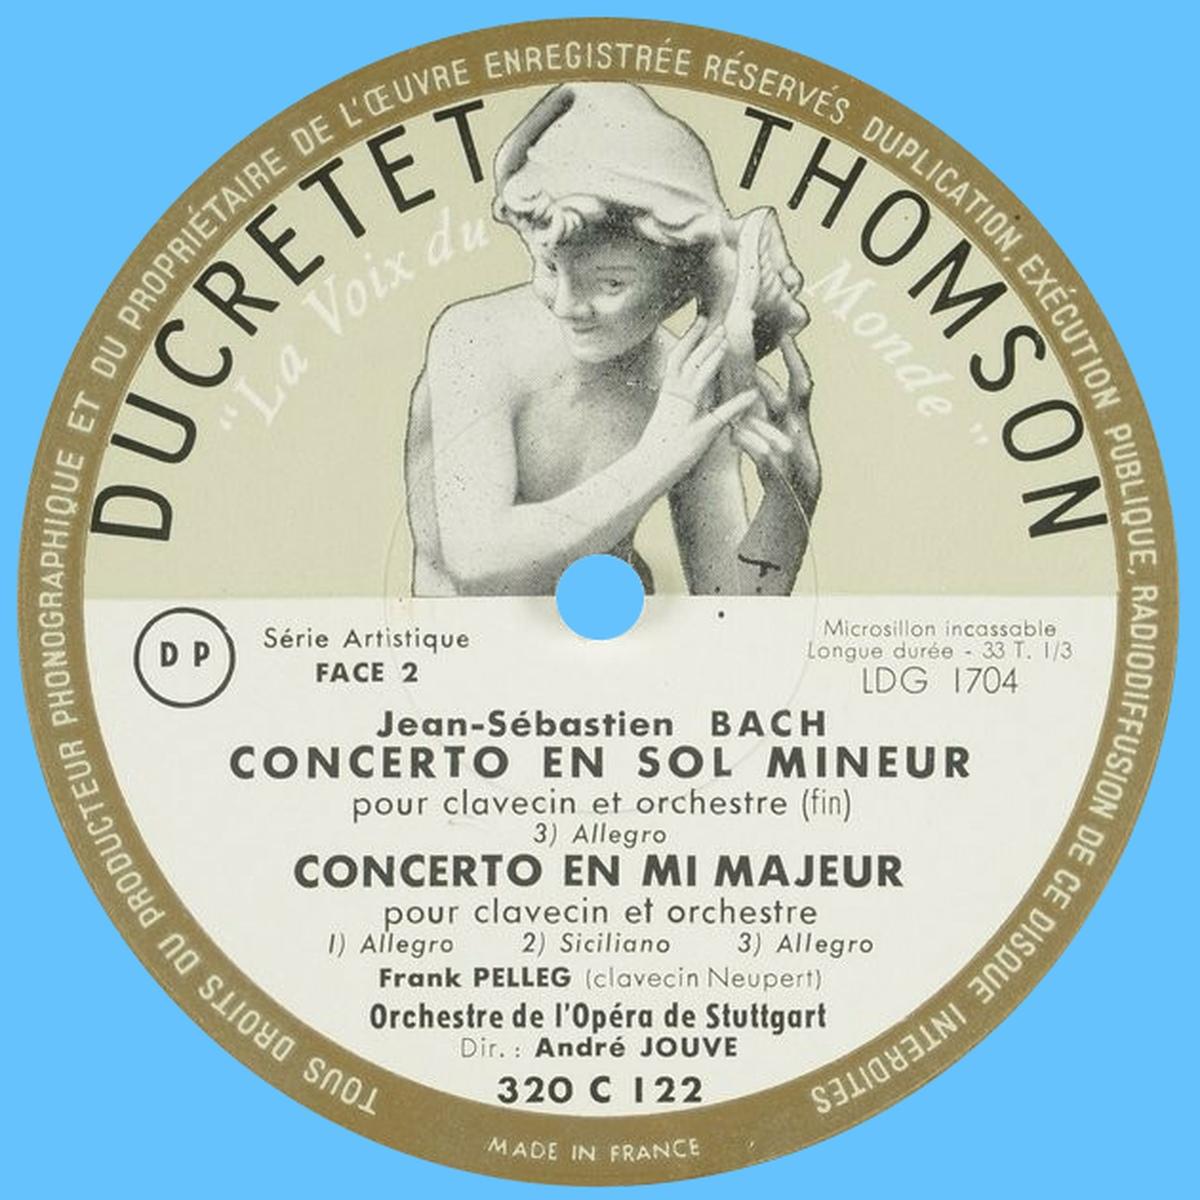 Étiquette verso du disque Ducretet-Thomson 320 C 122